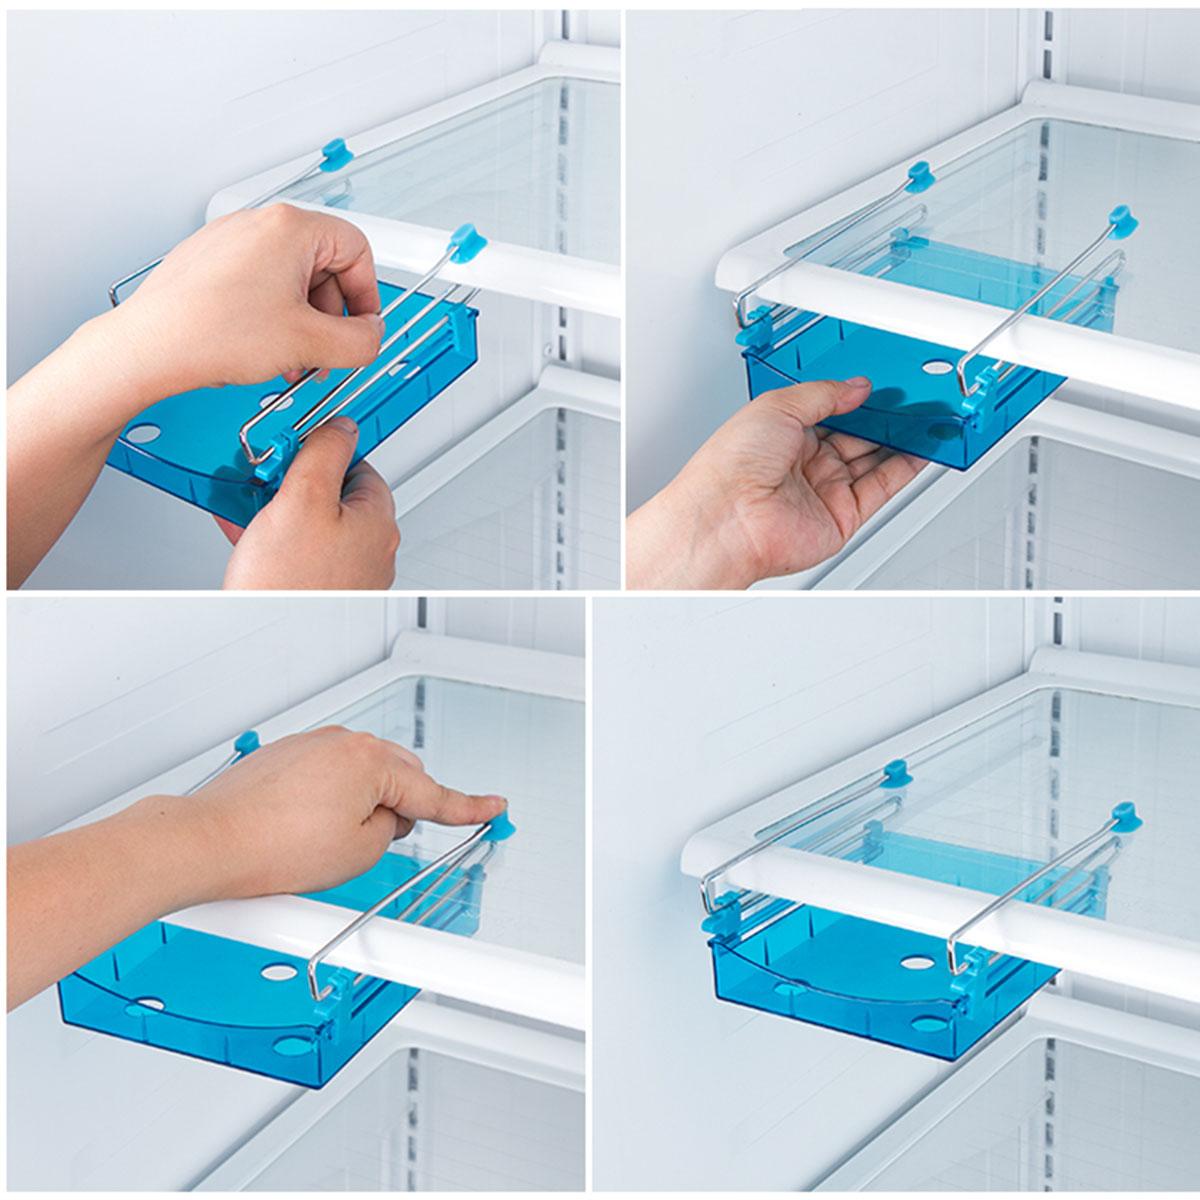 Подробный рассказ, как сделать полку в шкафу своими руками для замены старой или установки дополнительной